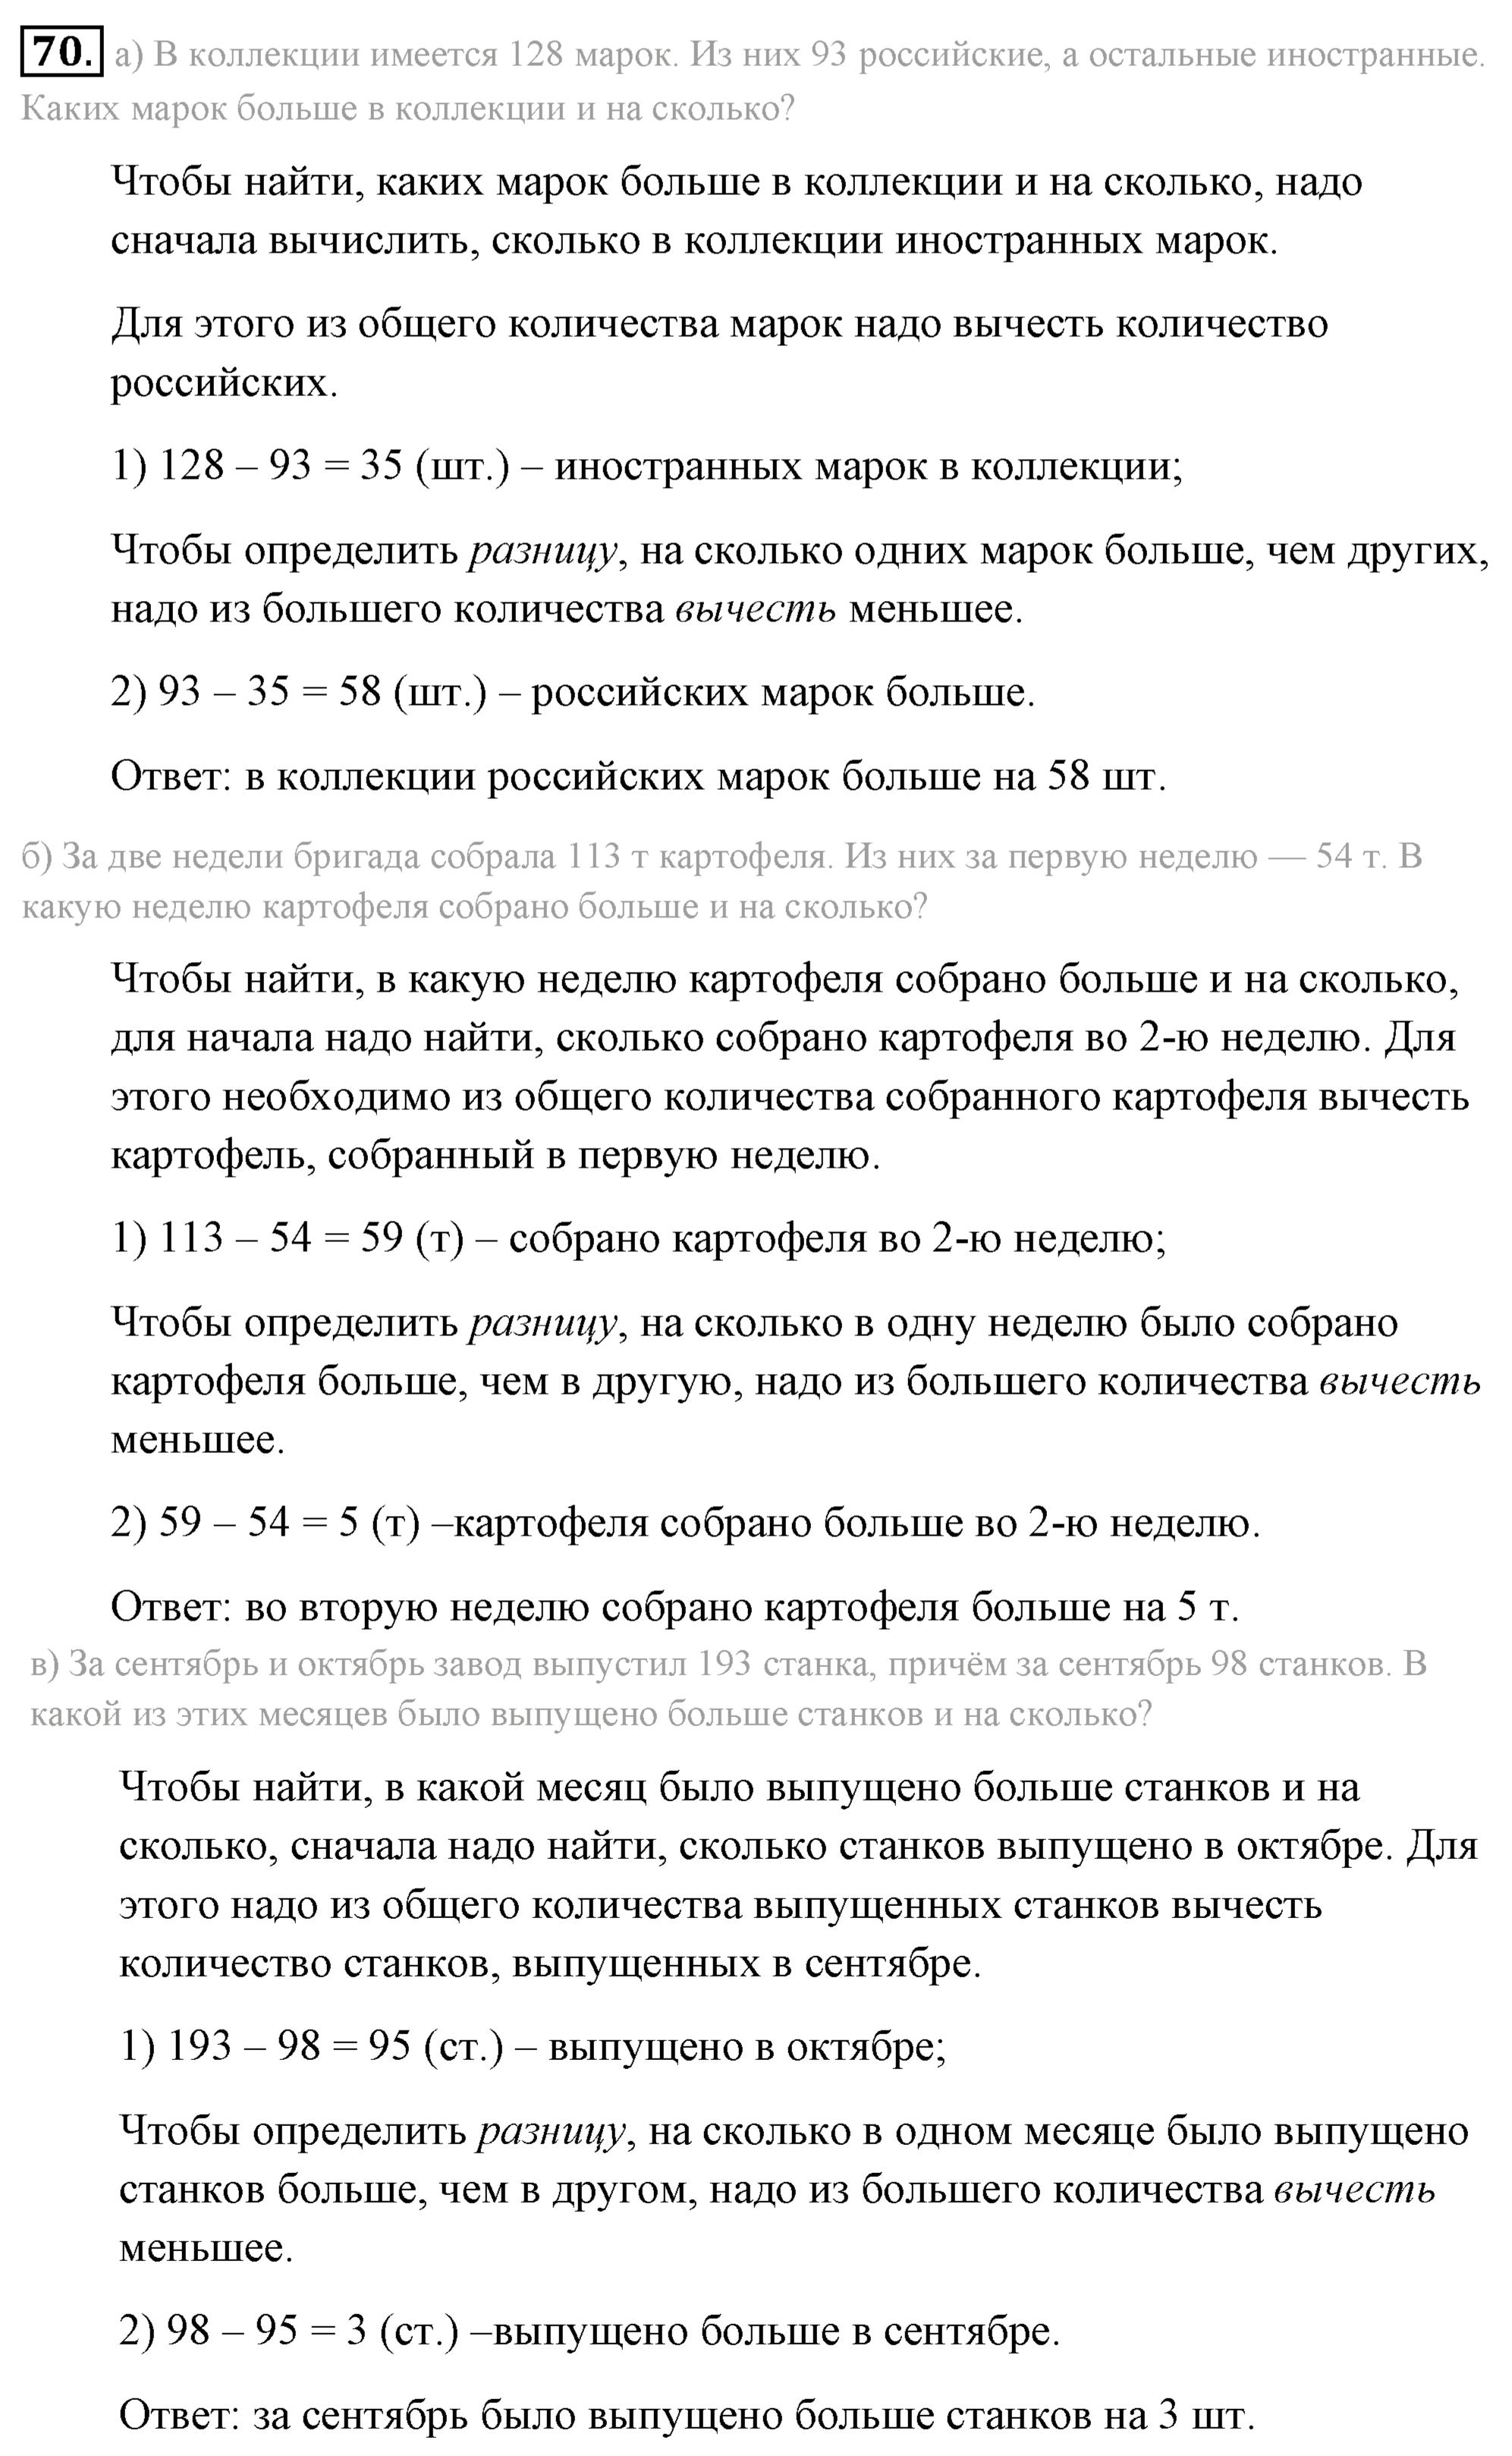 гдз математика потапов шевкин никольский 5